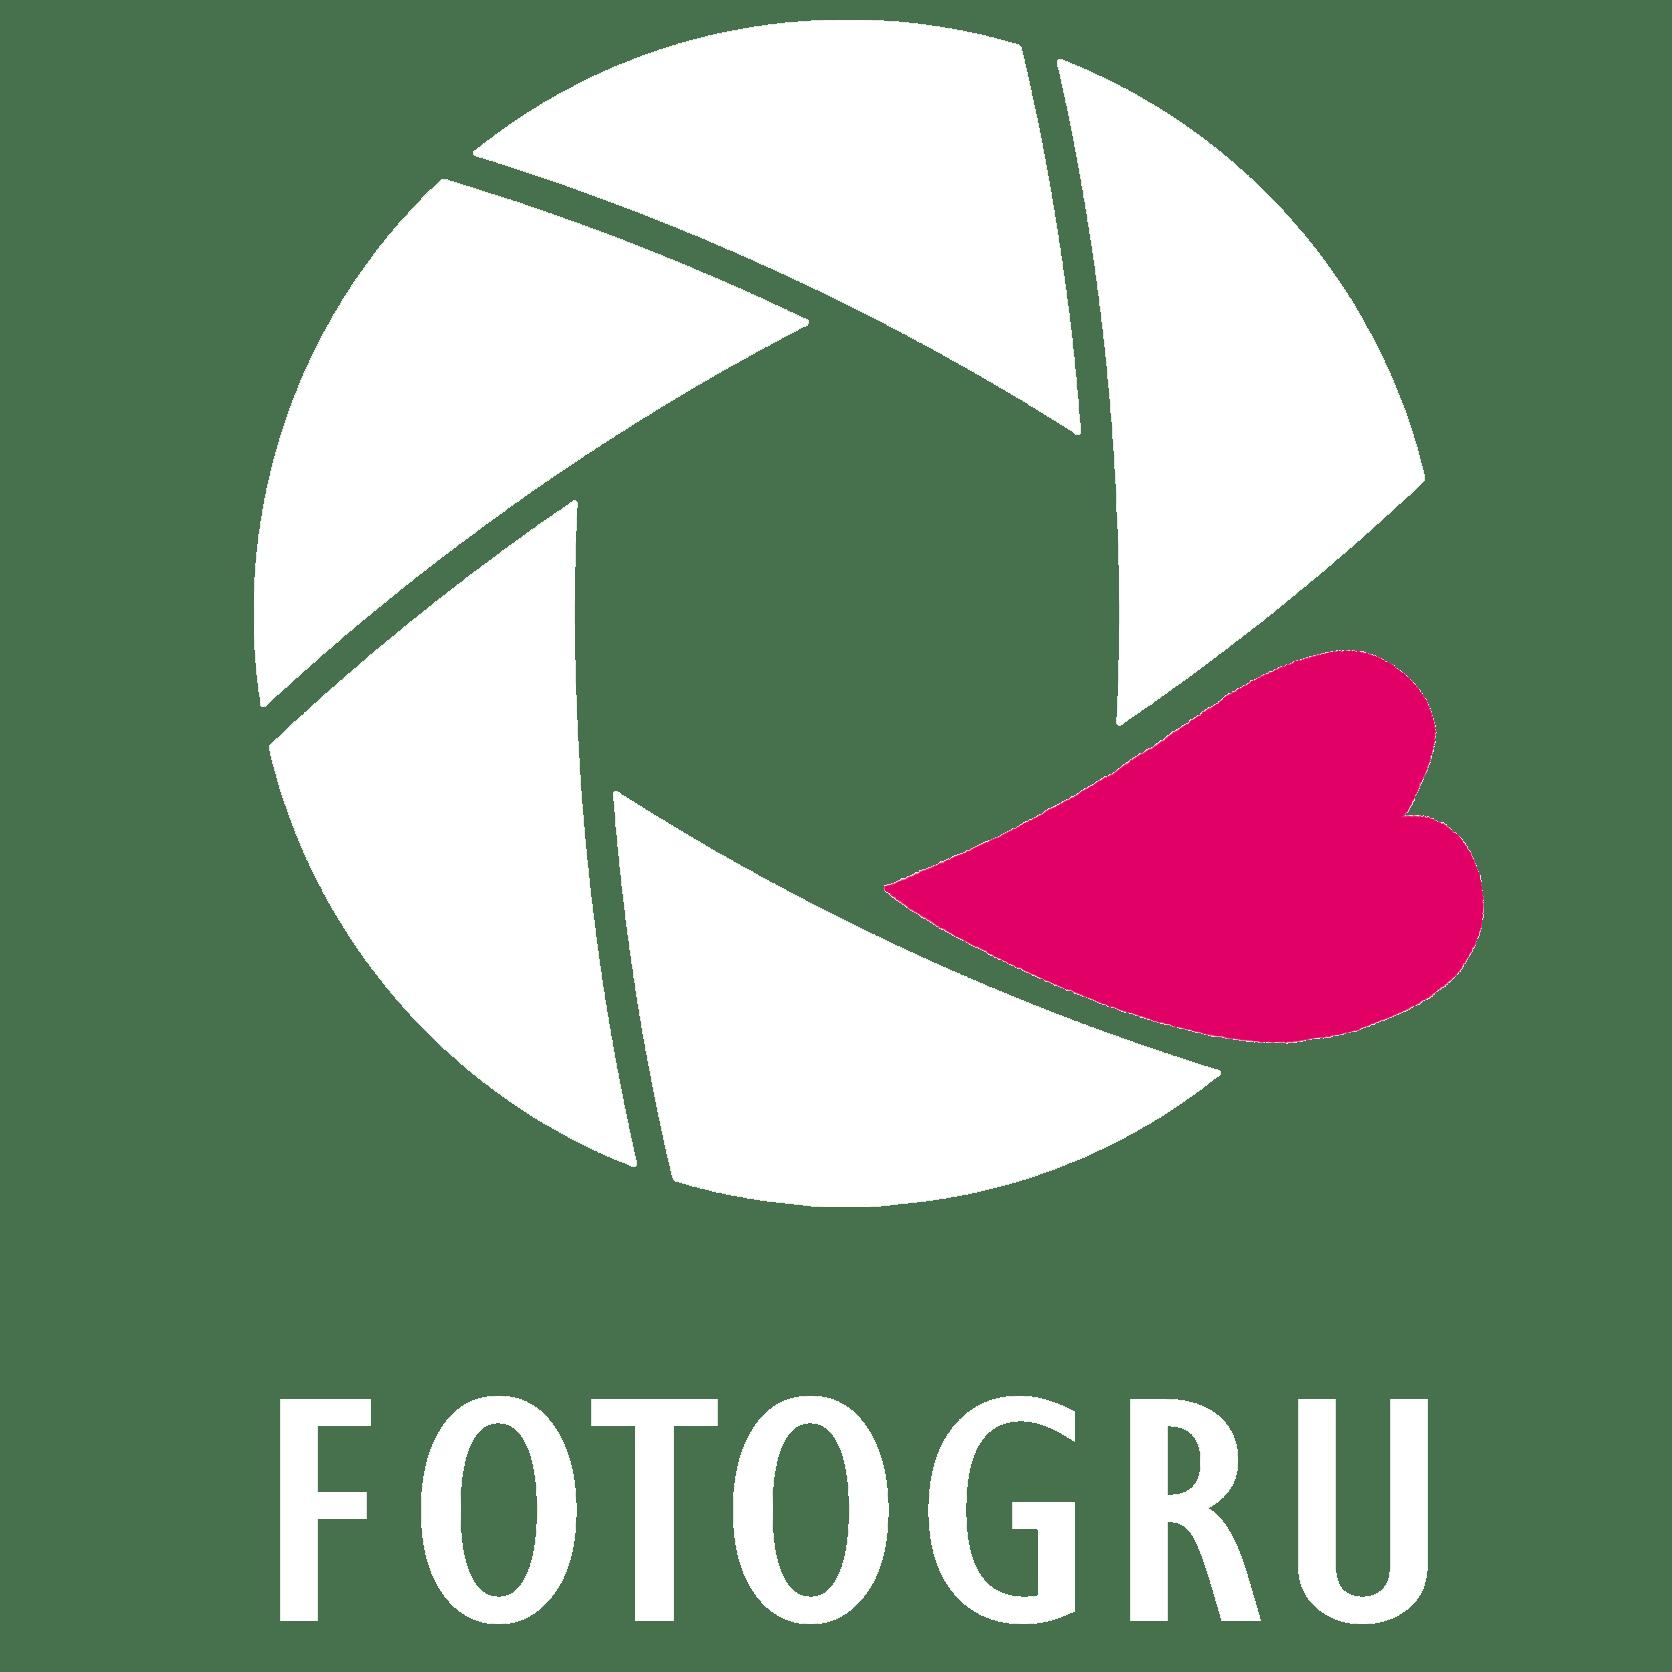 FOTOGRU – z miłości do fotografii